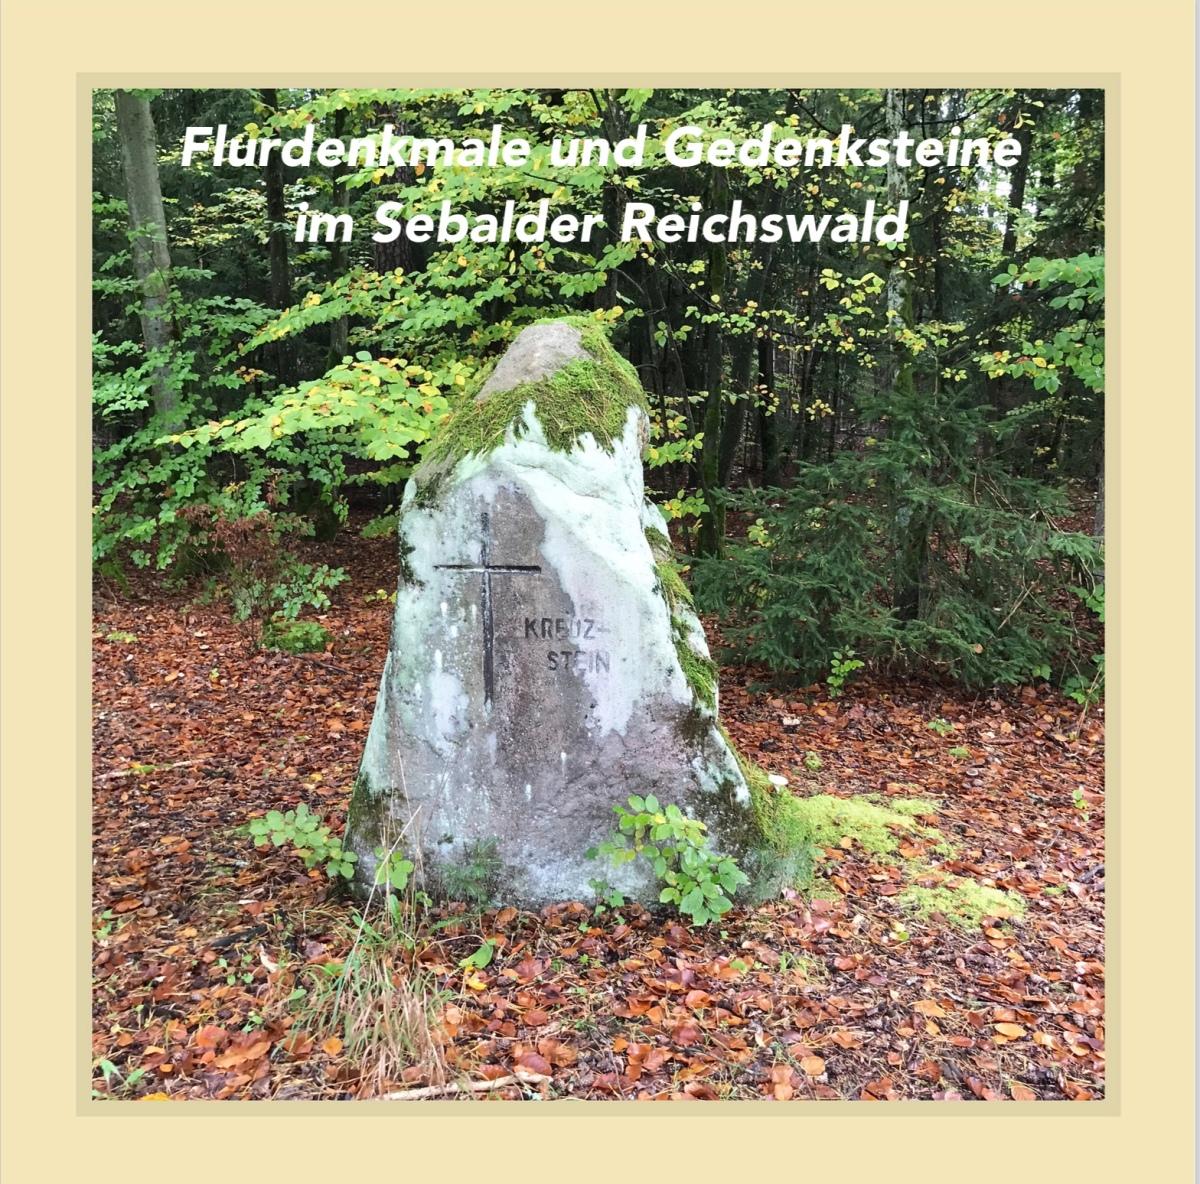 Radtouren zu den Flurdenkmalen und Gedenksteinen im Sebalder Reichswald